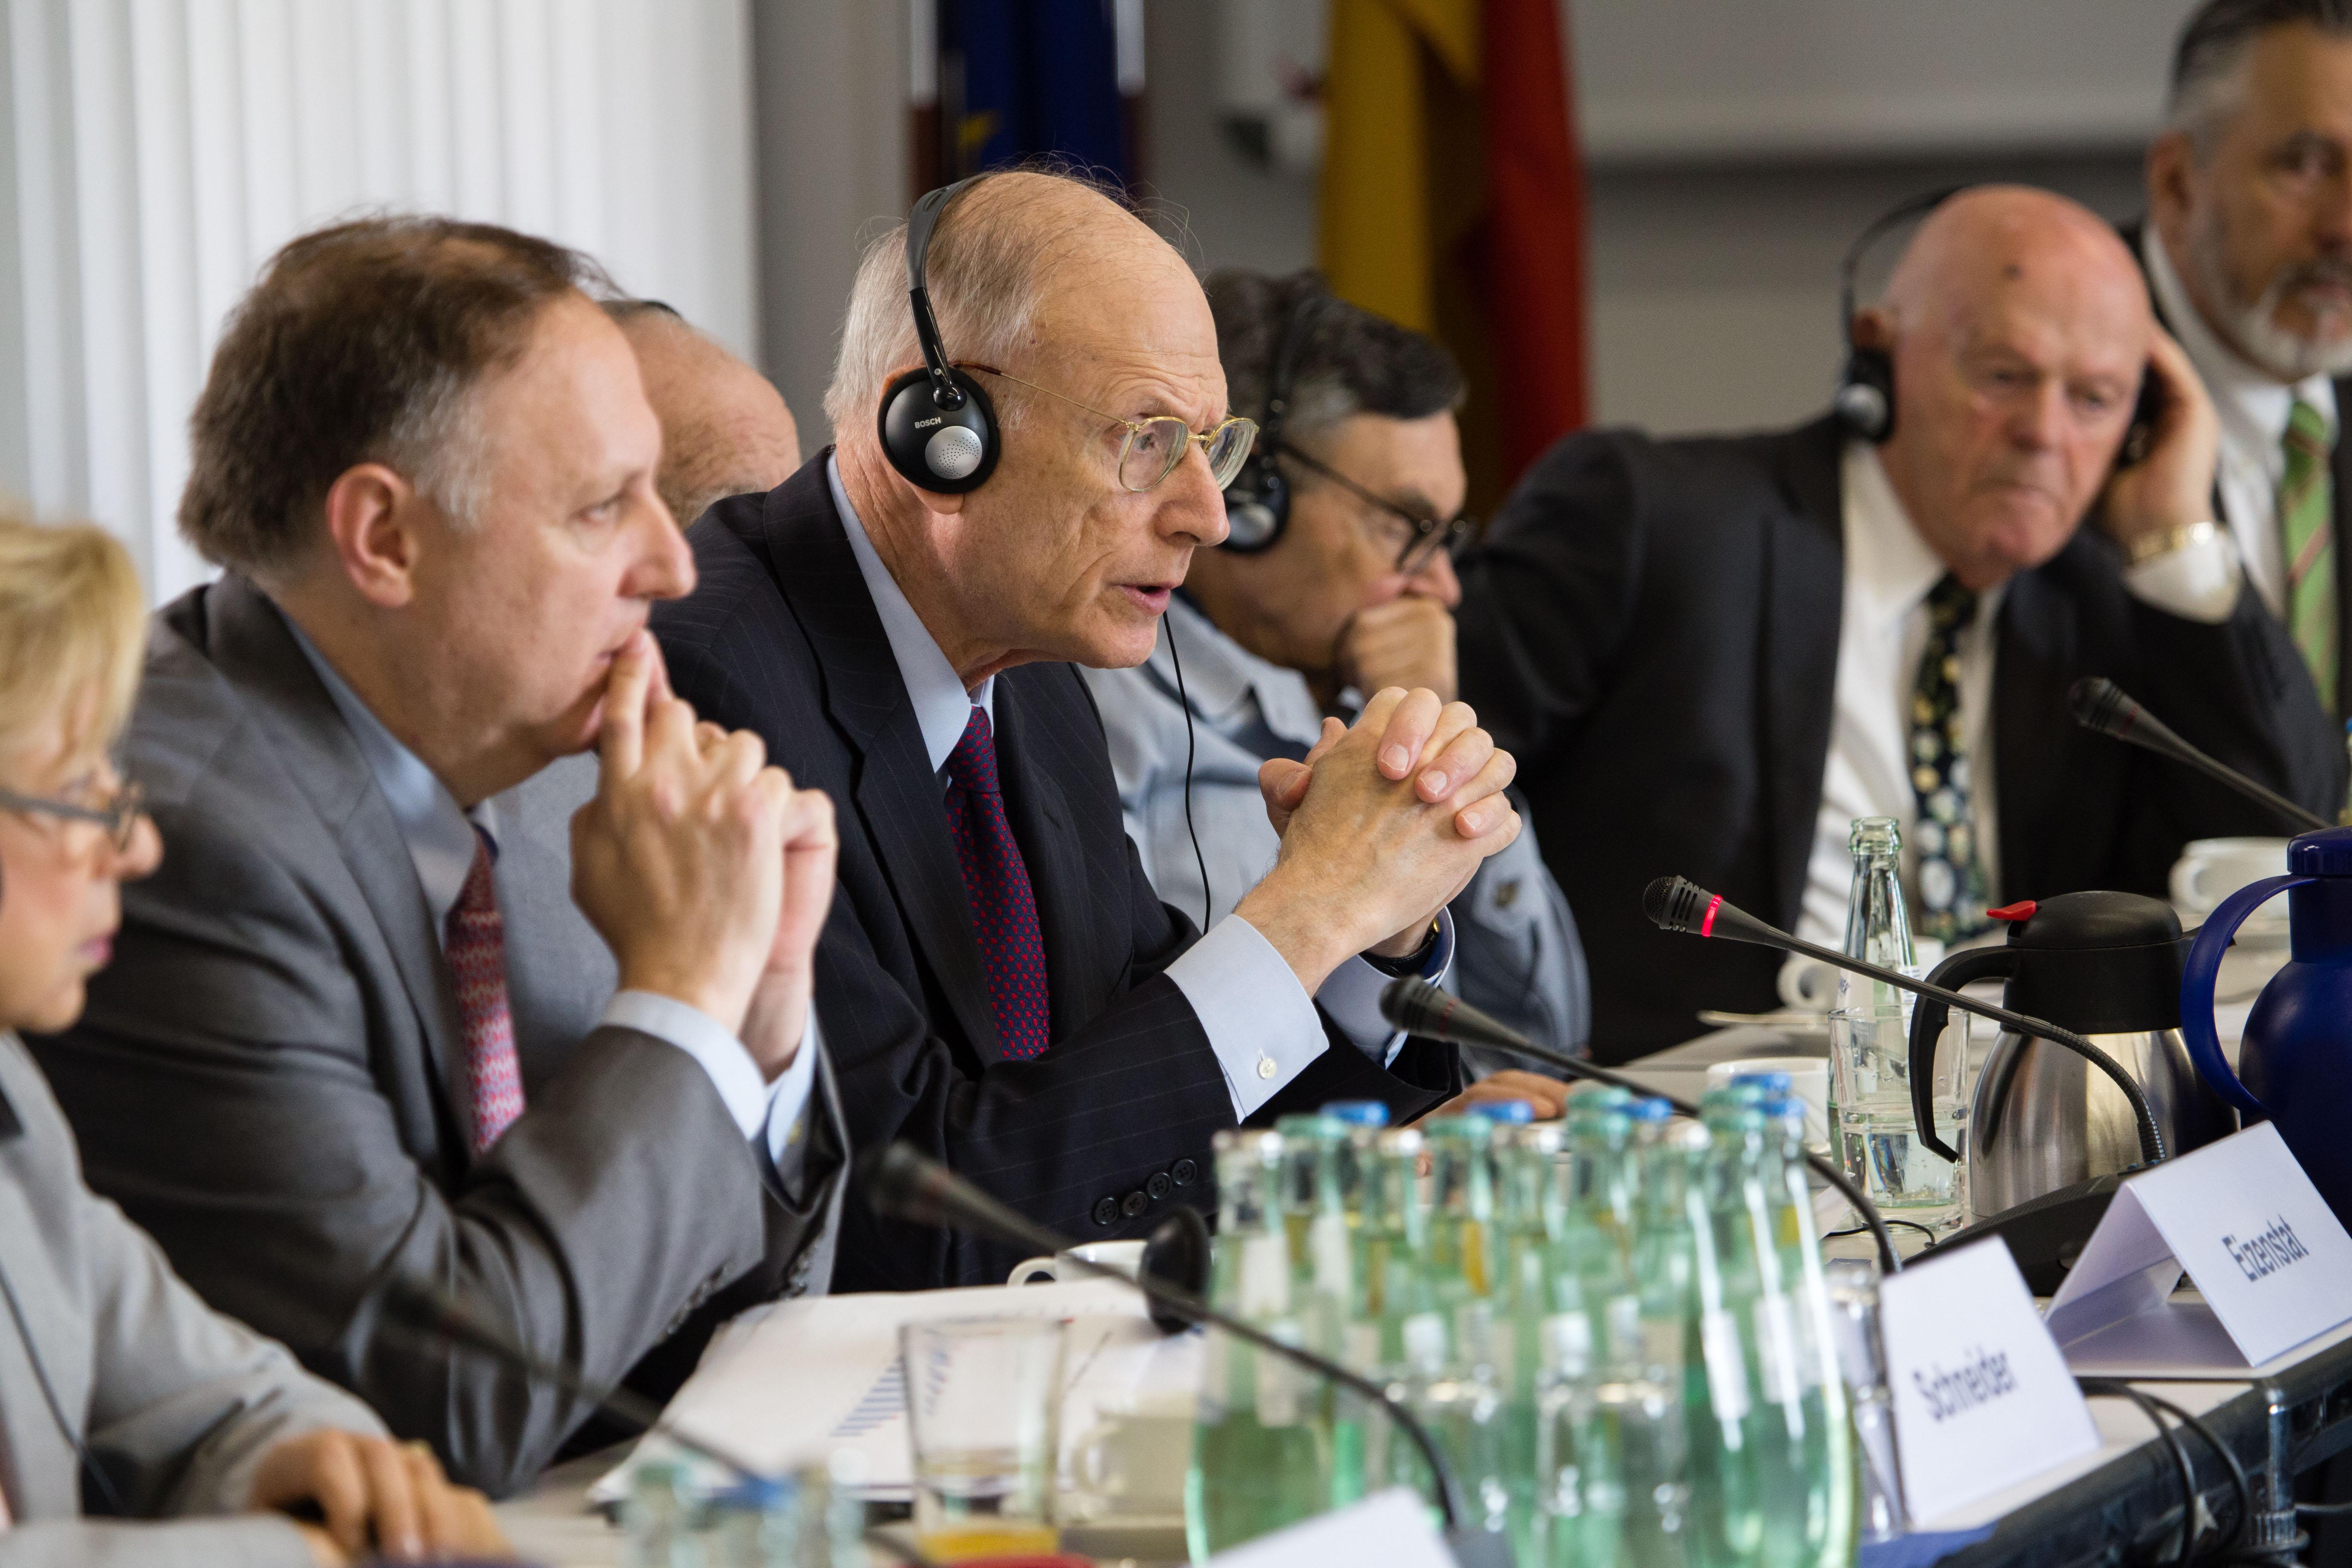 Negotiations proceed in 2017 with (L-R) Ambassador Collete Avital; Greg Schneider, Claims Conference EVP;                     Ambassador Stuart Eizenstat; Auschwitz survivor Marian Turski; and Buchenwald survivor Ben Helfgott